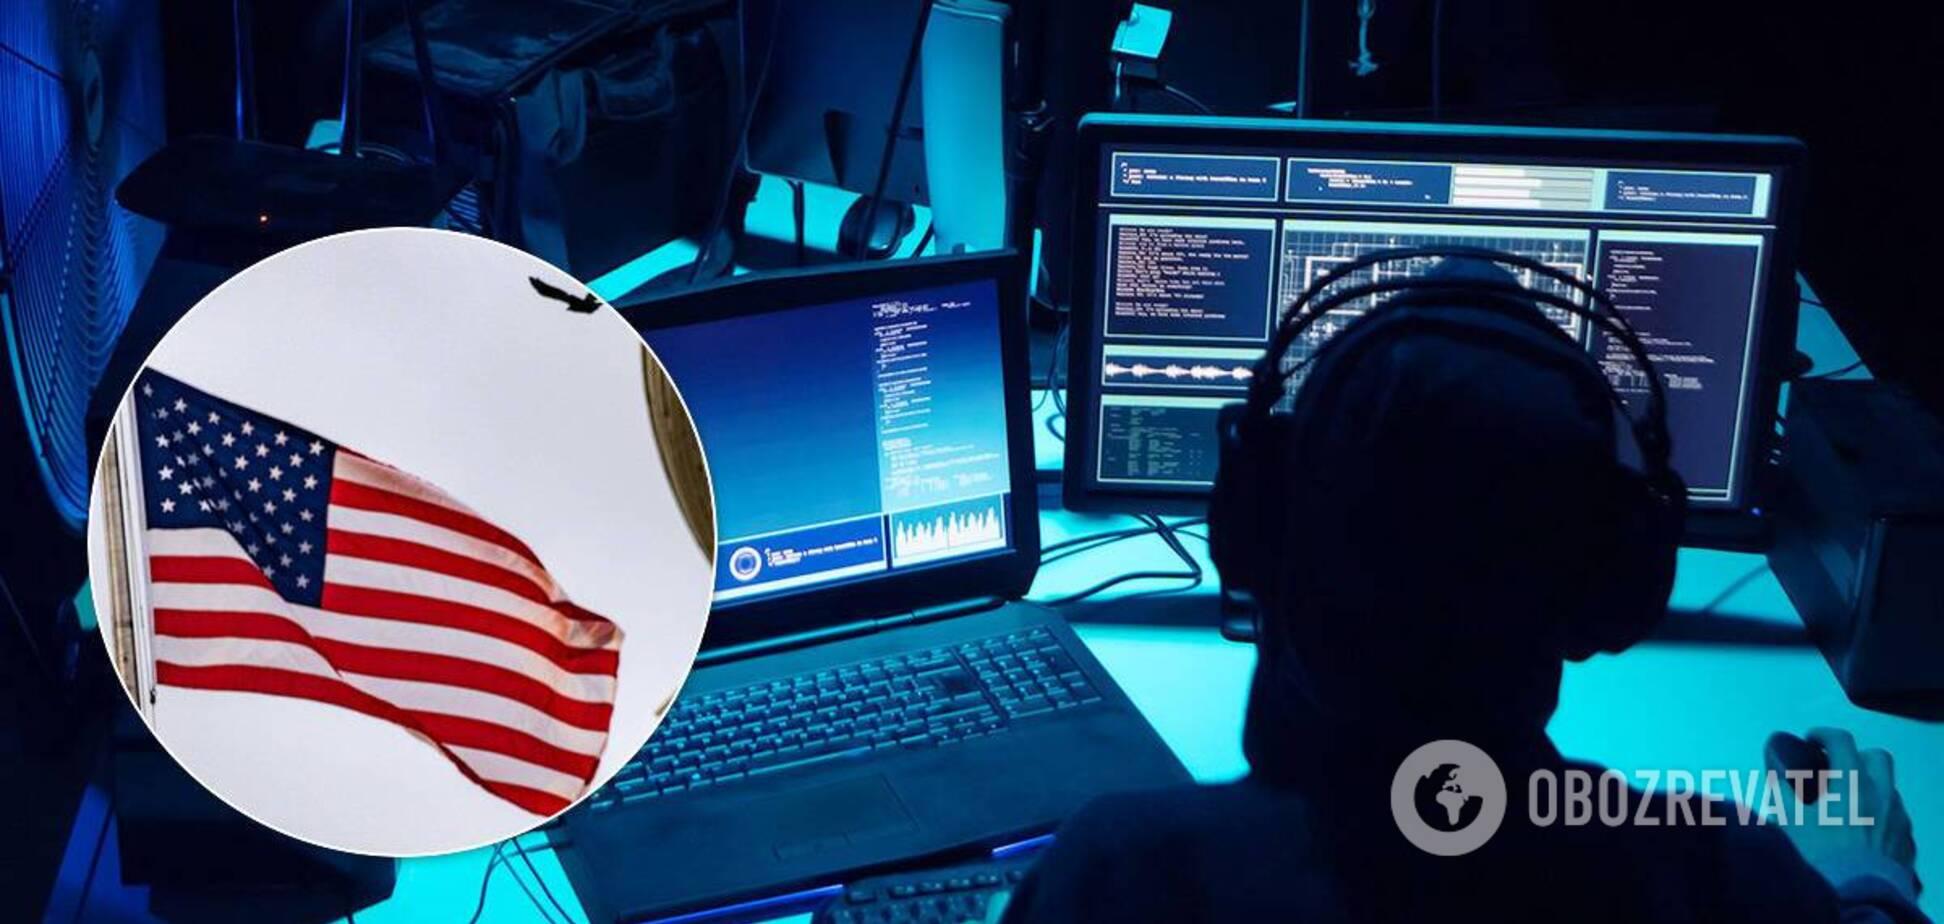 В США разыскивают двух украинских хакеров: обещают награду в $1 млн